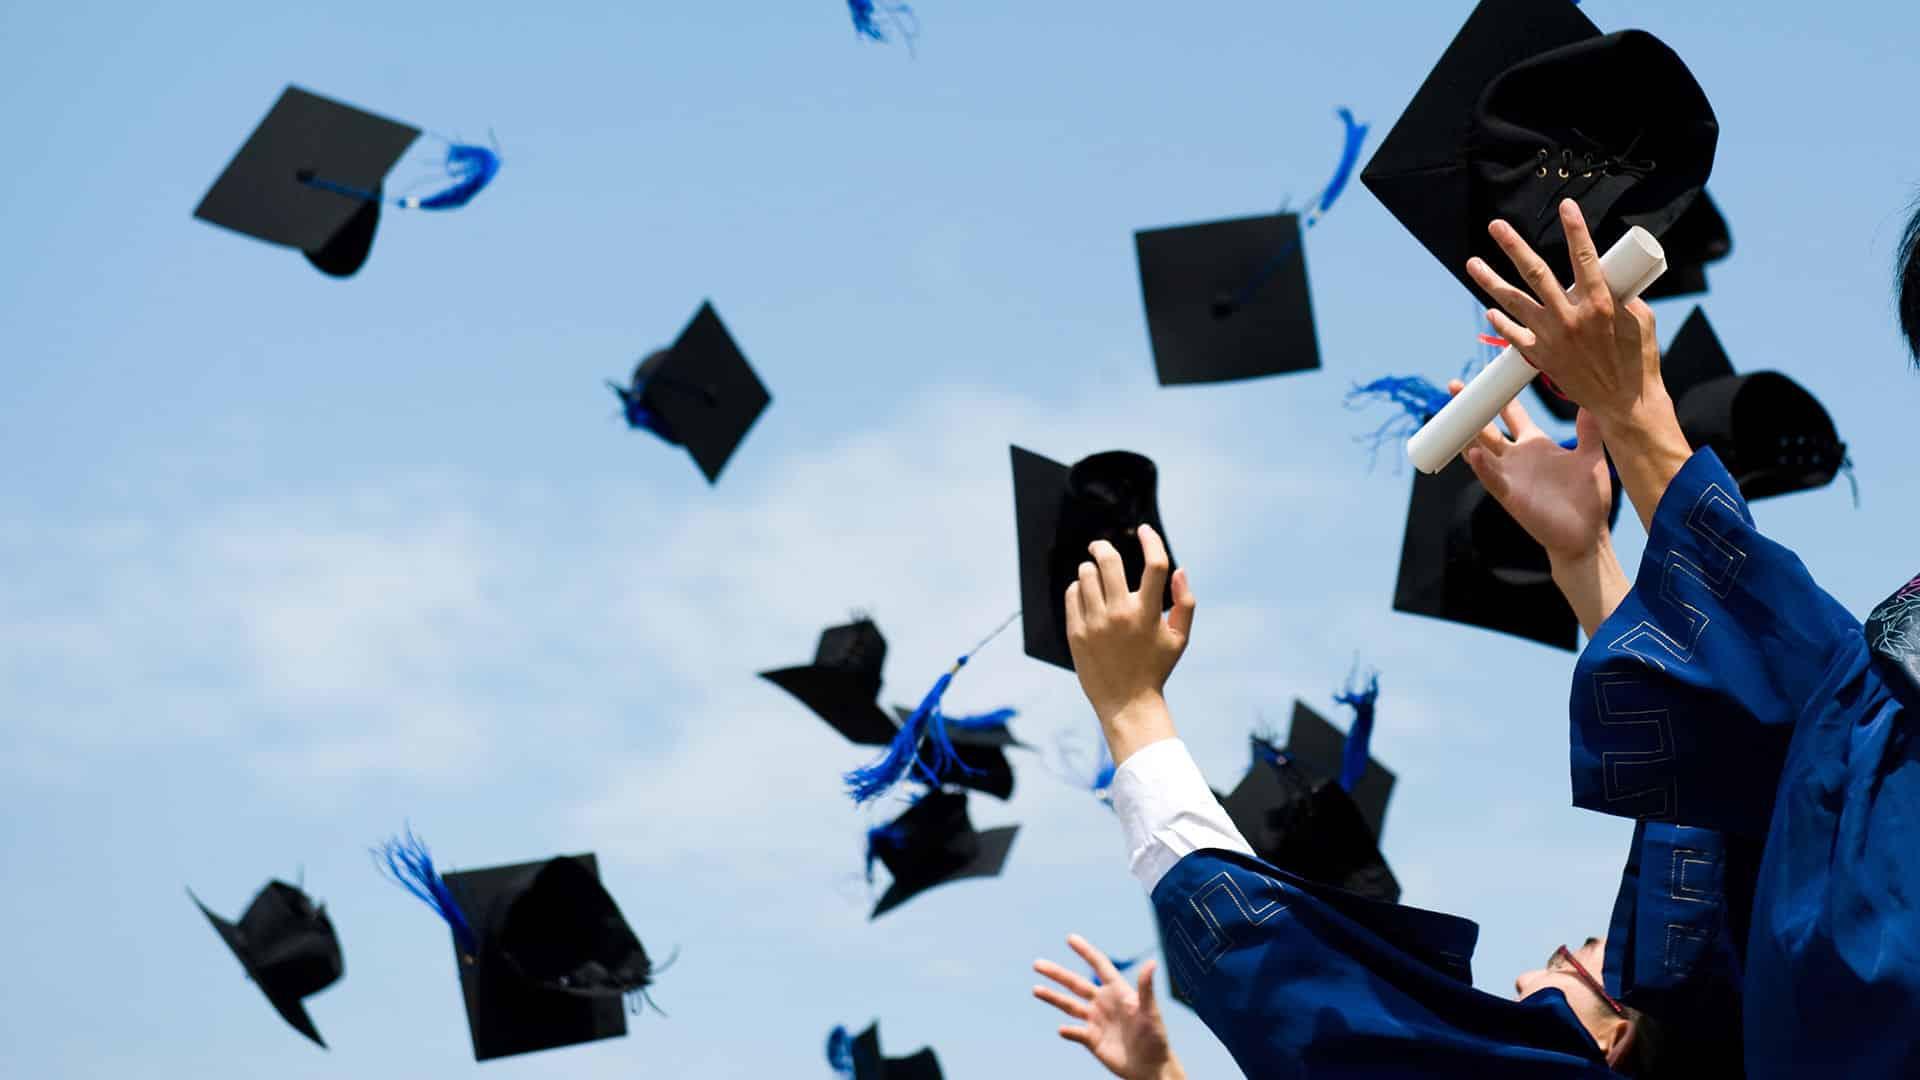 Tolong kongsikan idea tip-top ini kepada semua fresh graduate